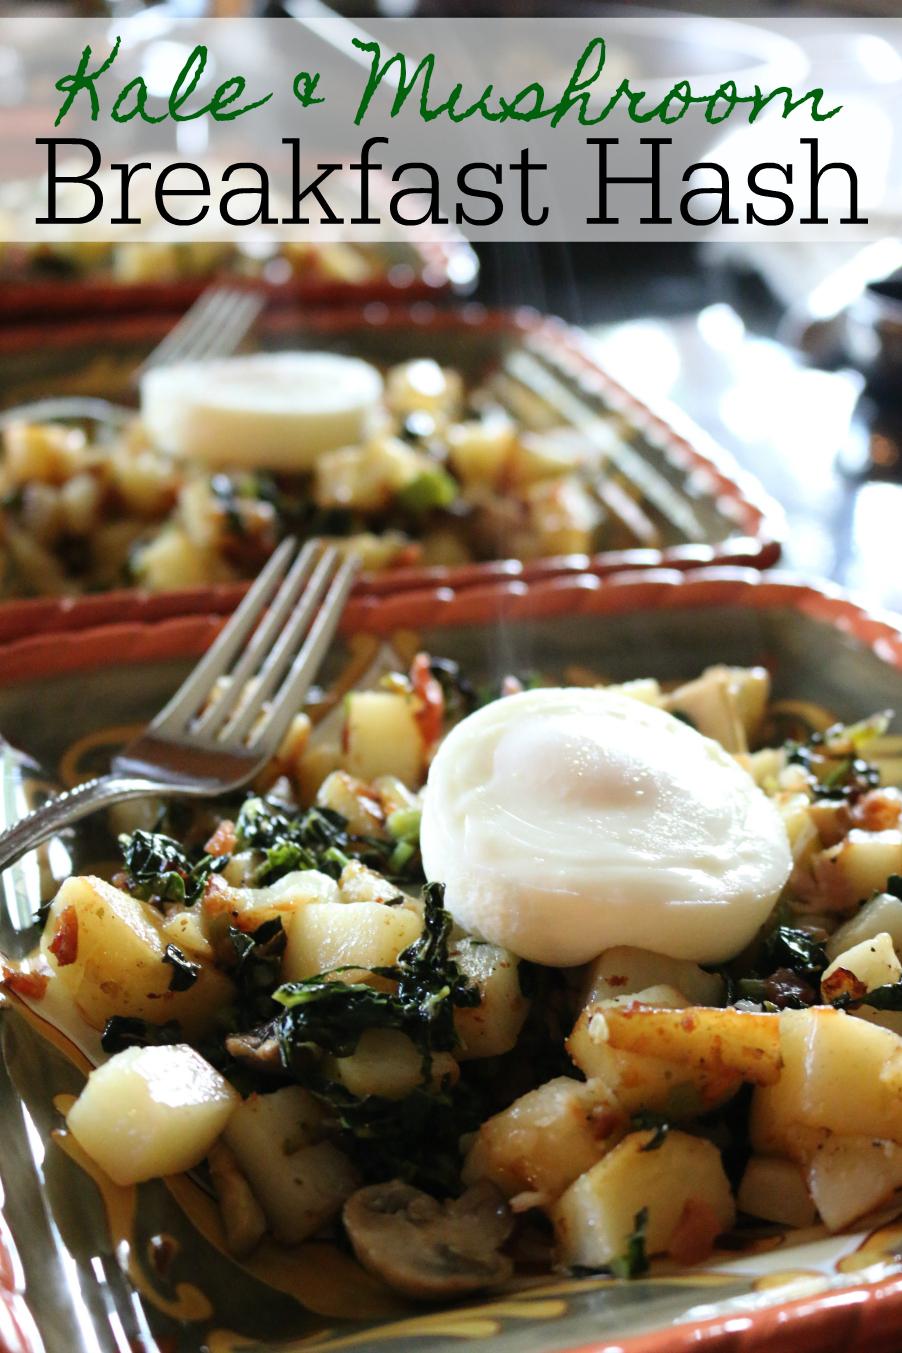 Kale & Mushroom Breakfast Hash CeceliasGoodStuff.com Good Food for Good People